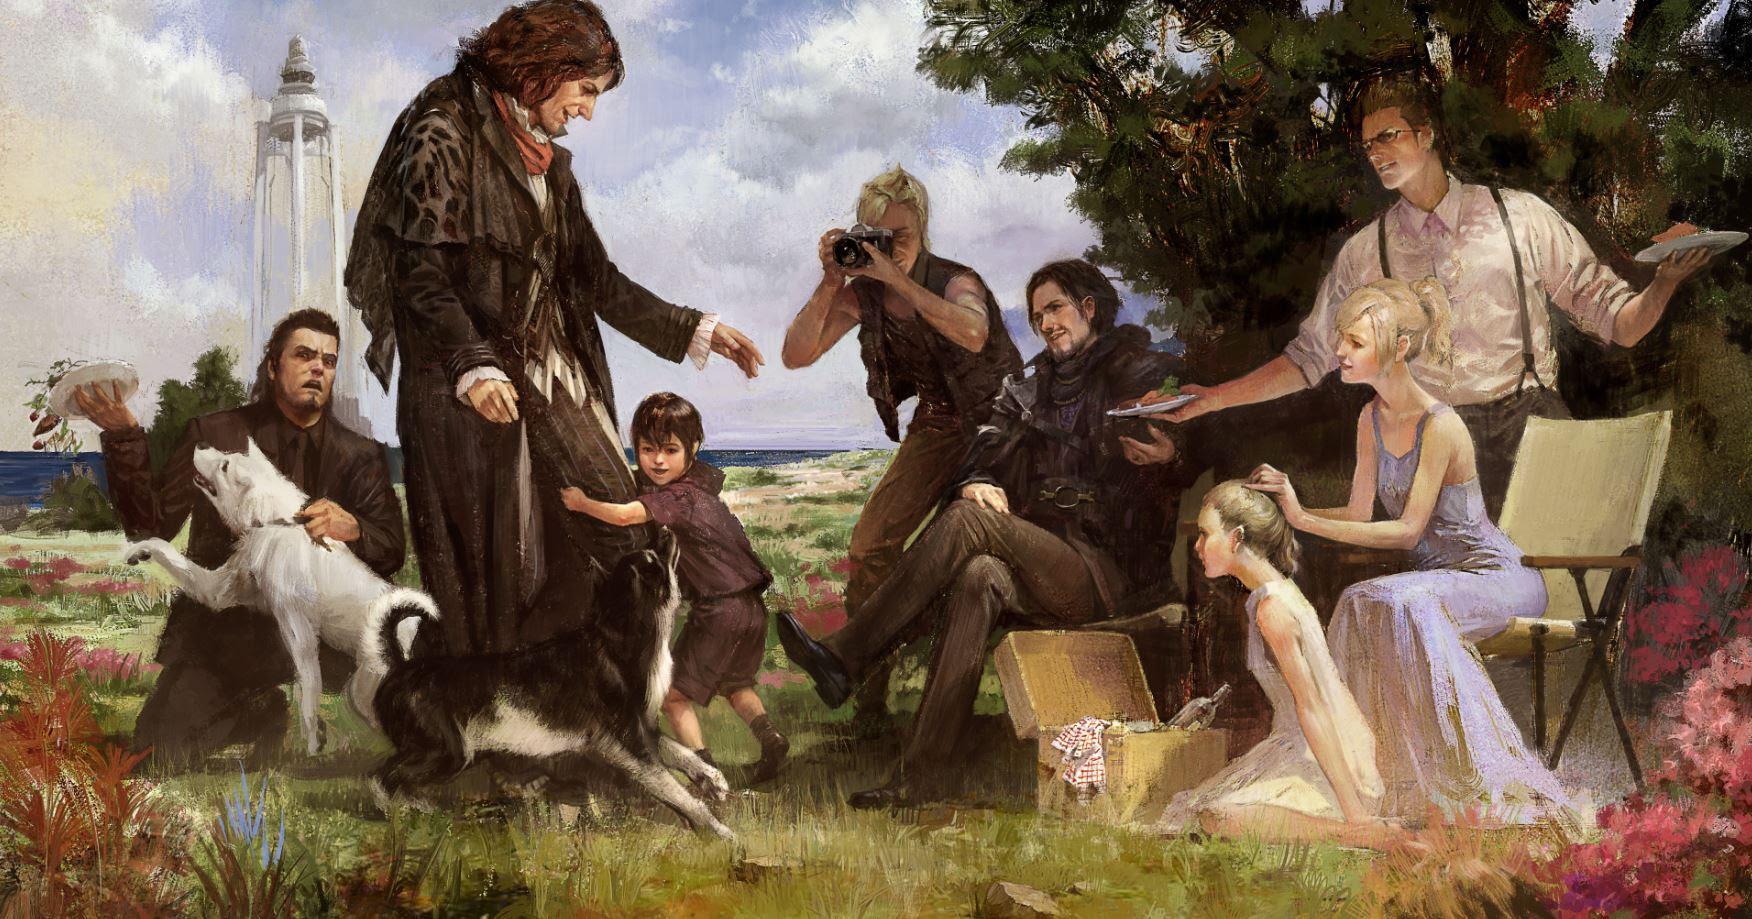 ไม่จบสักที Final Fantasy XV จะออก DLC อีก 4 Episode ในปี 2019 พร้อมตอนจบใหม่